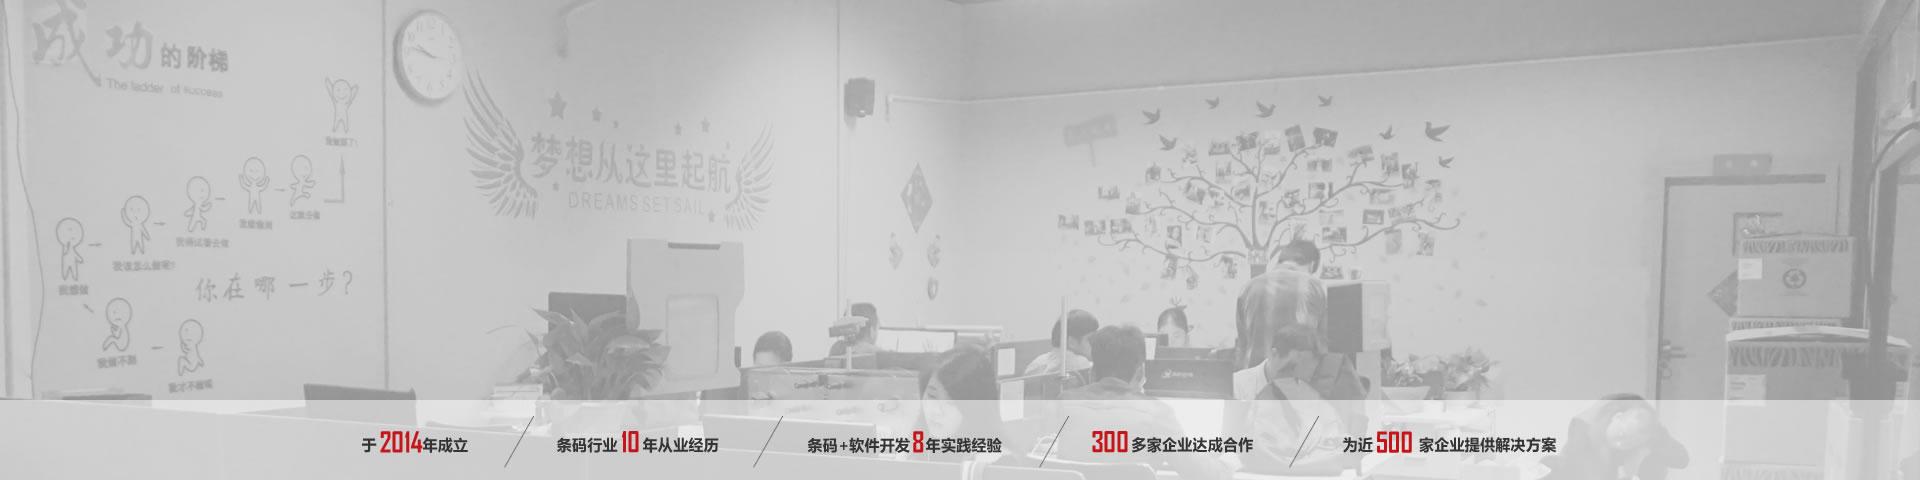 北京鱼越金成科技有限公司